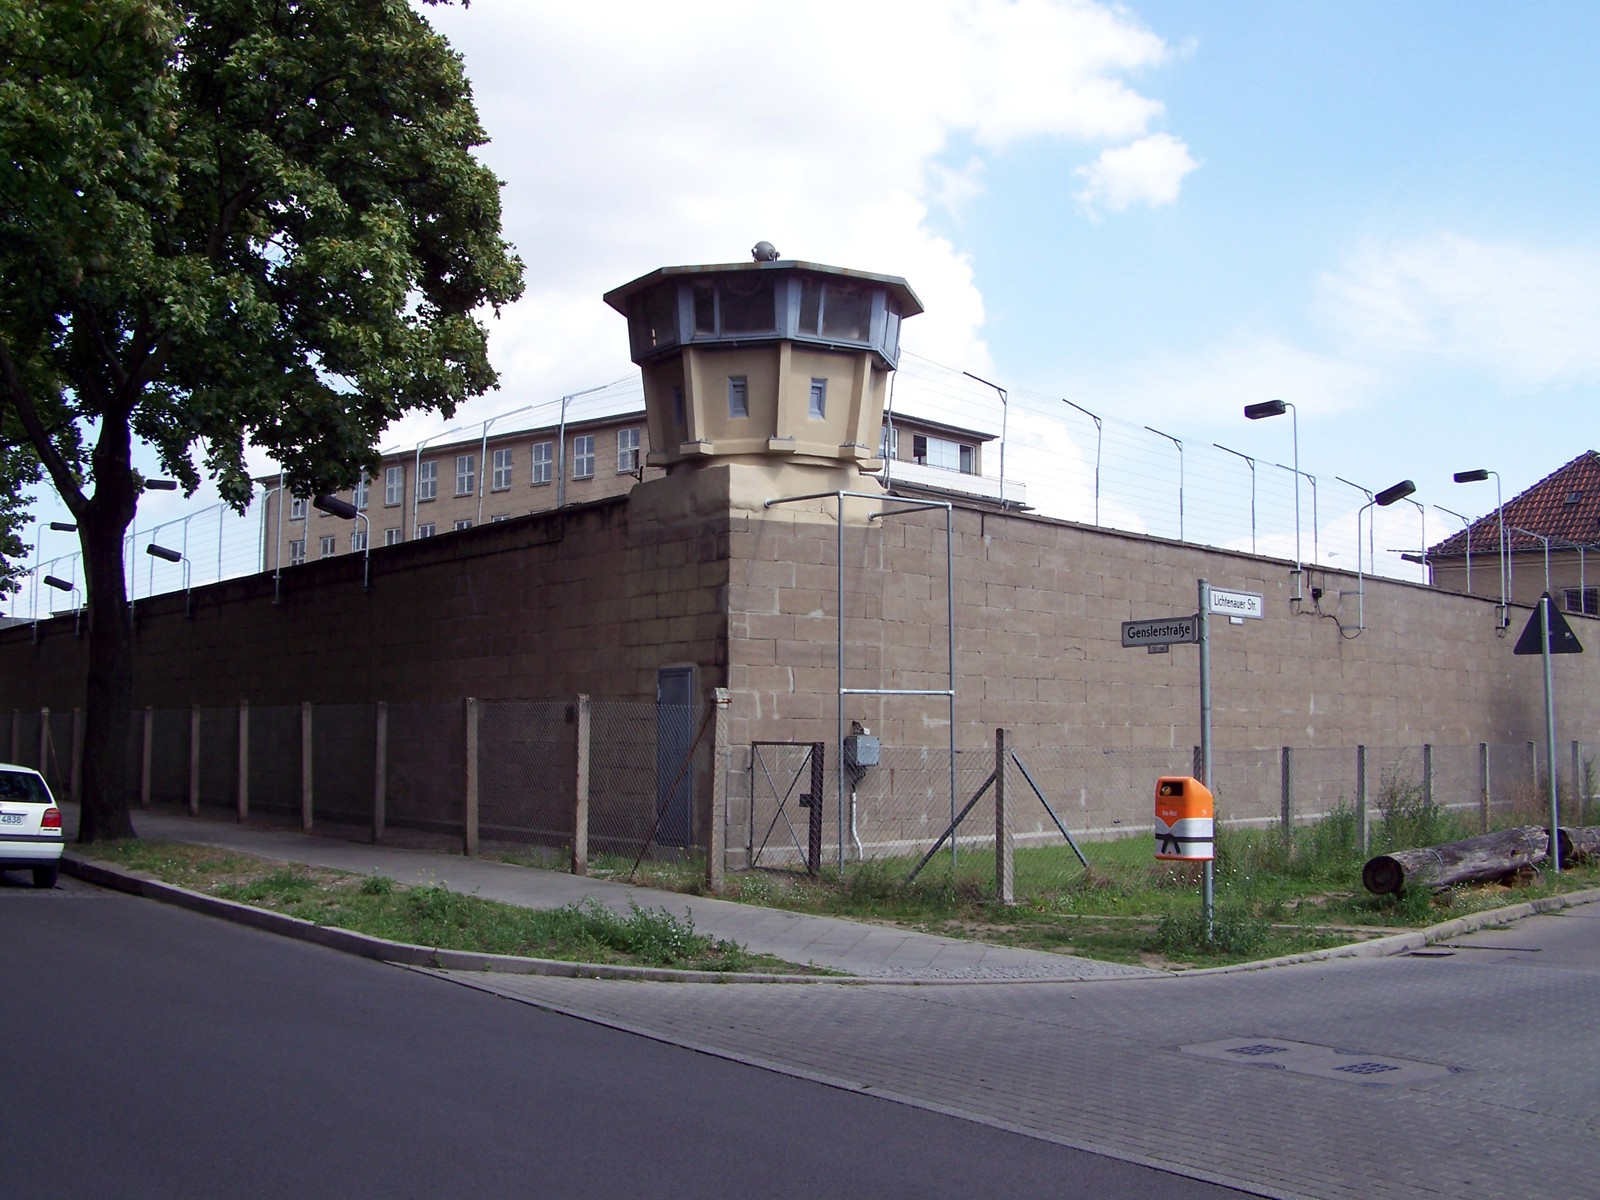 ドイツ・ベルリンで旧東ドイツの歴史に触れる観光スポット6選!DDRゆかりの地でアナタは何を考える?